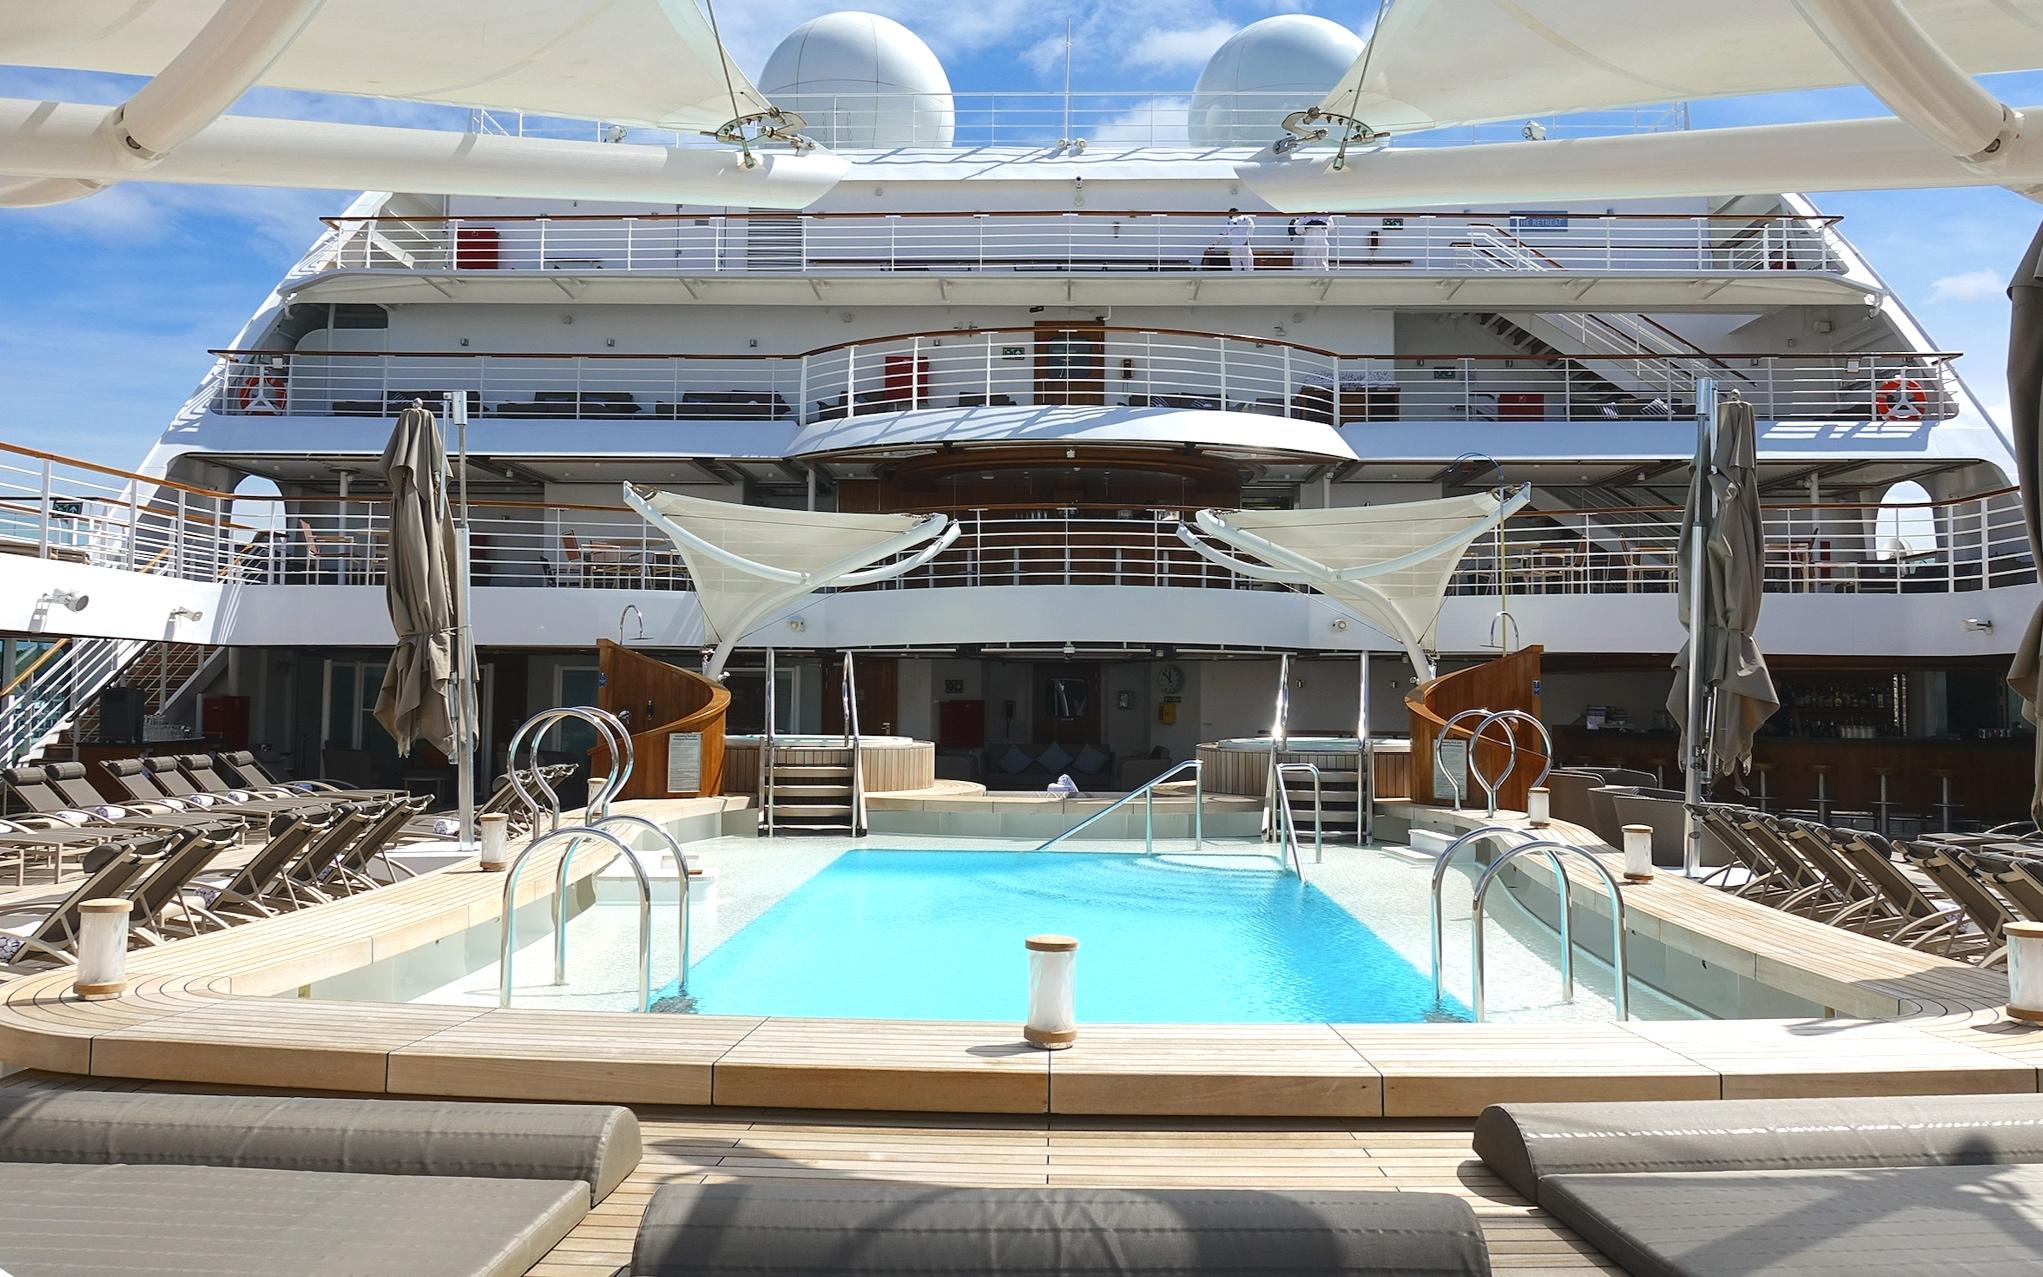 The pool deck, Sky bar and sun terraces.